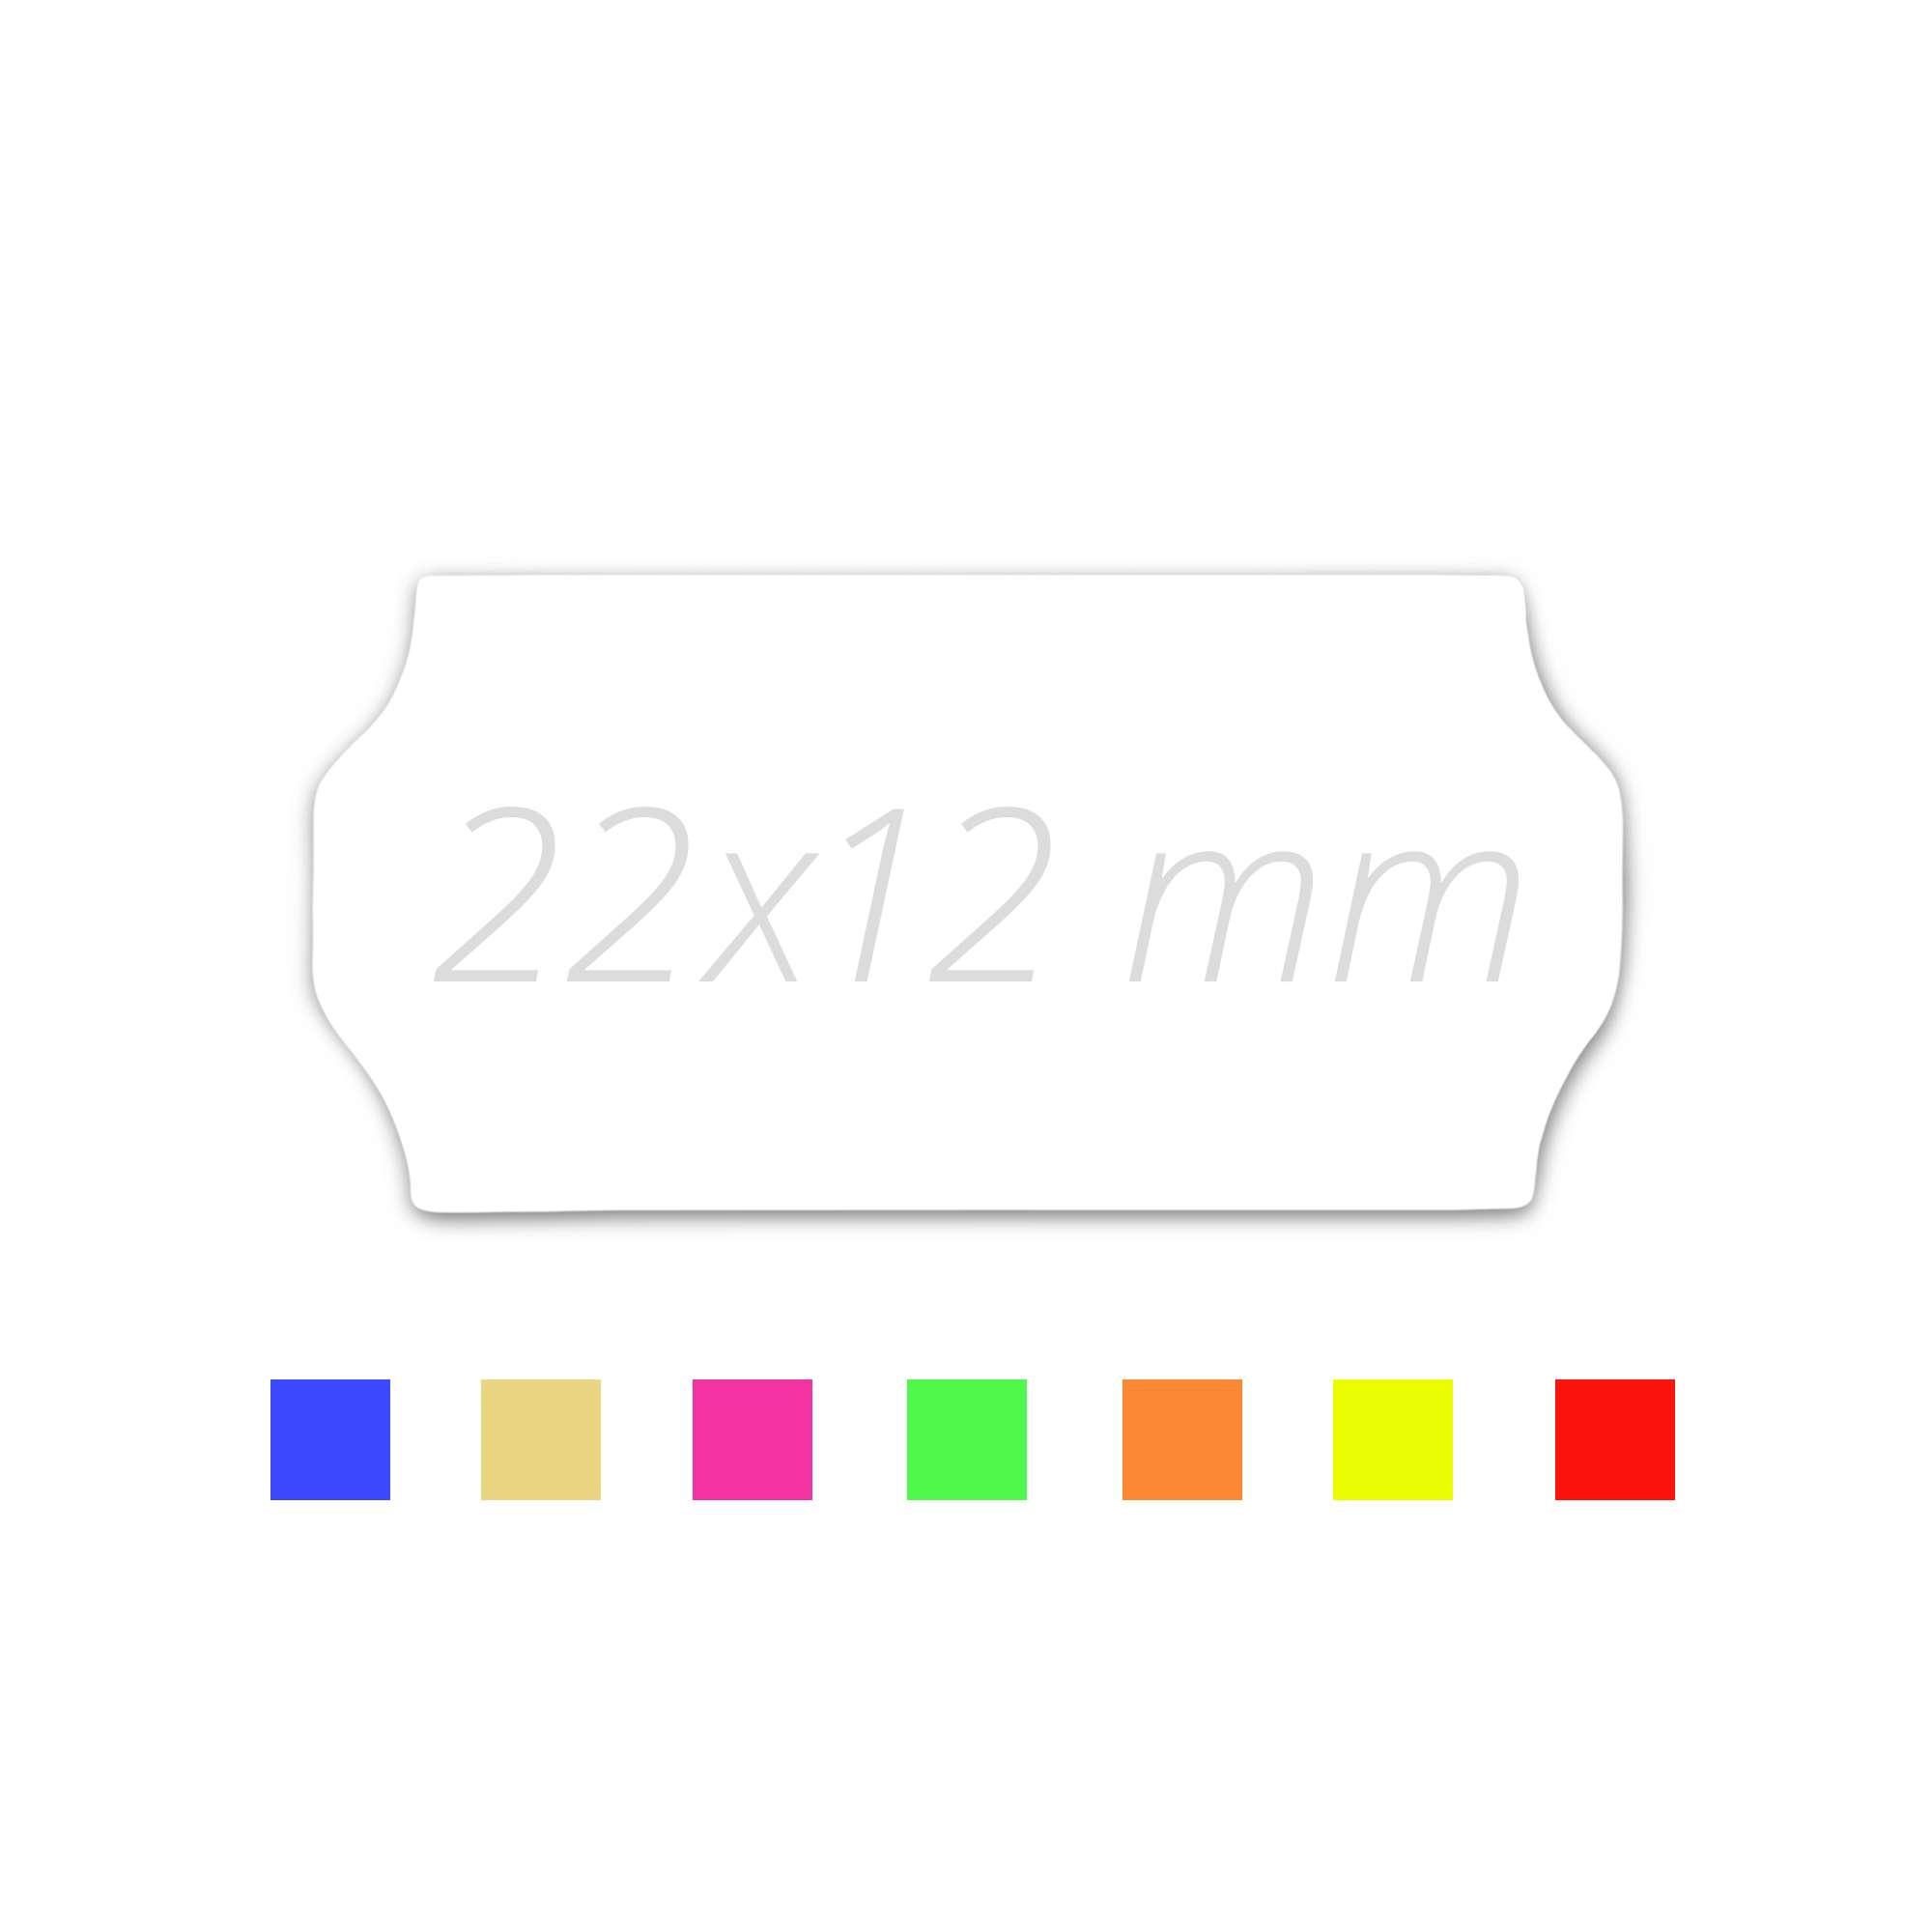 Preisauszeichner Etiketten 22 x 12 leucht-rot 15.000 Preisetiketten 22x12 HUTNER Aufdruck: Sonderpreis 10 Rollen a 1.500 St/ück permanent